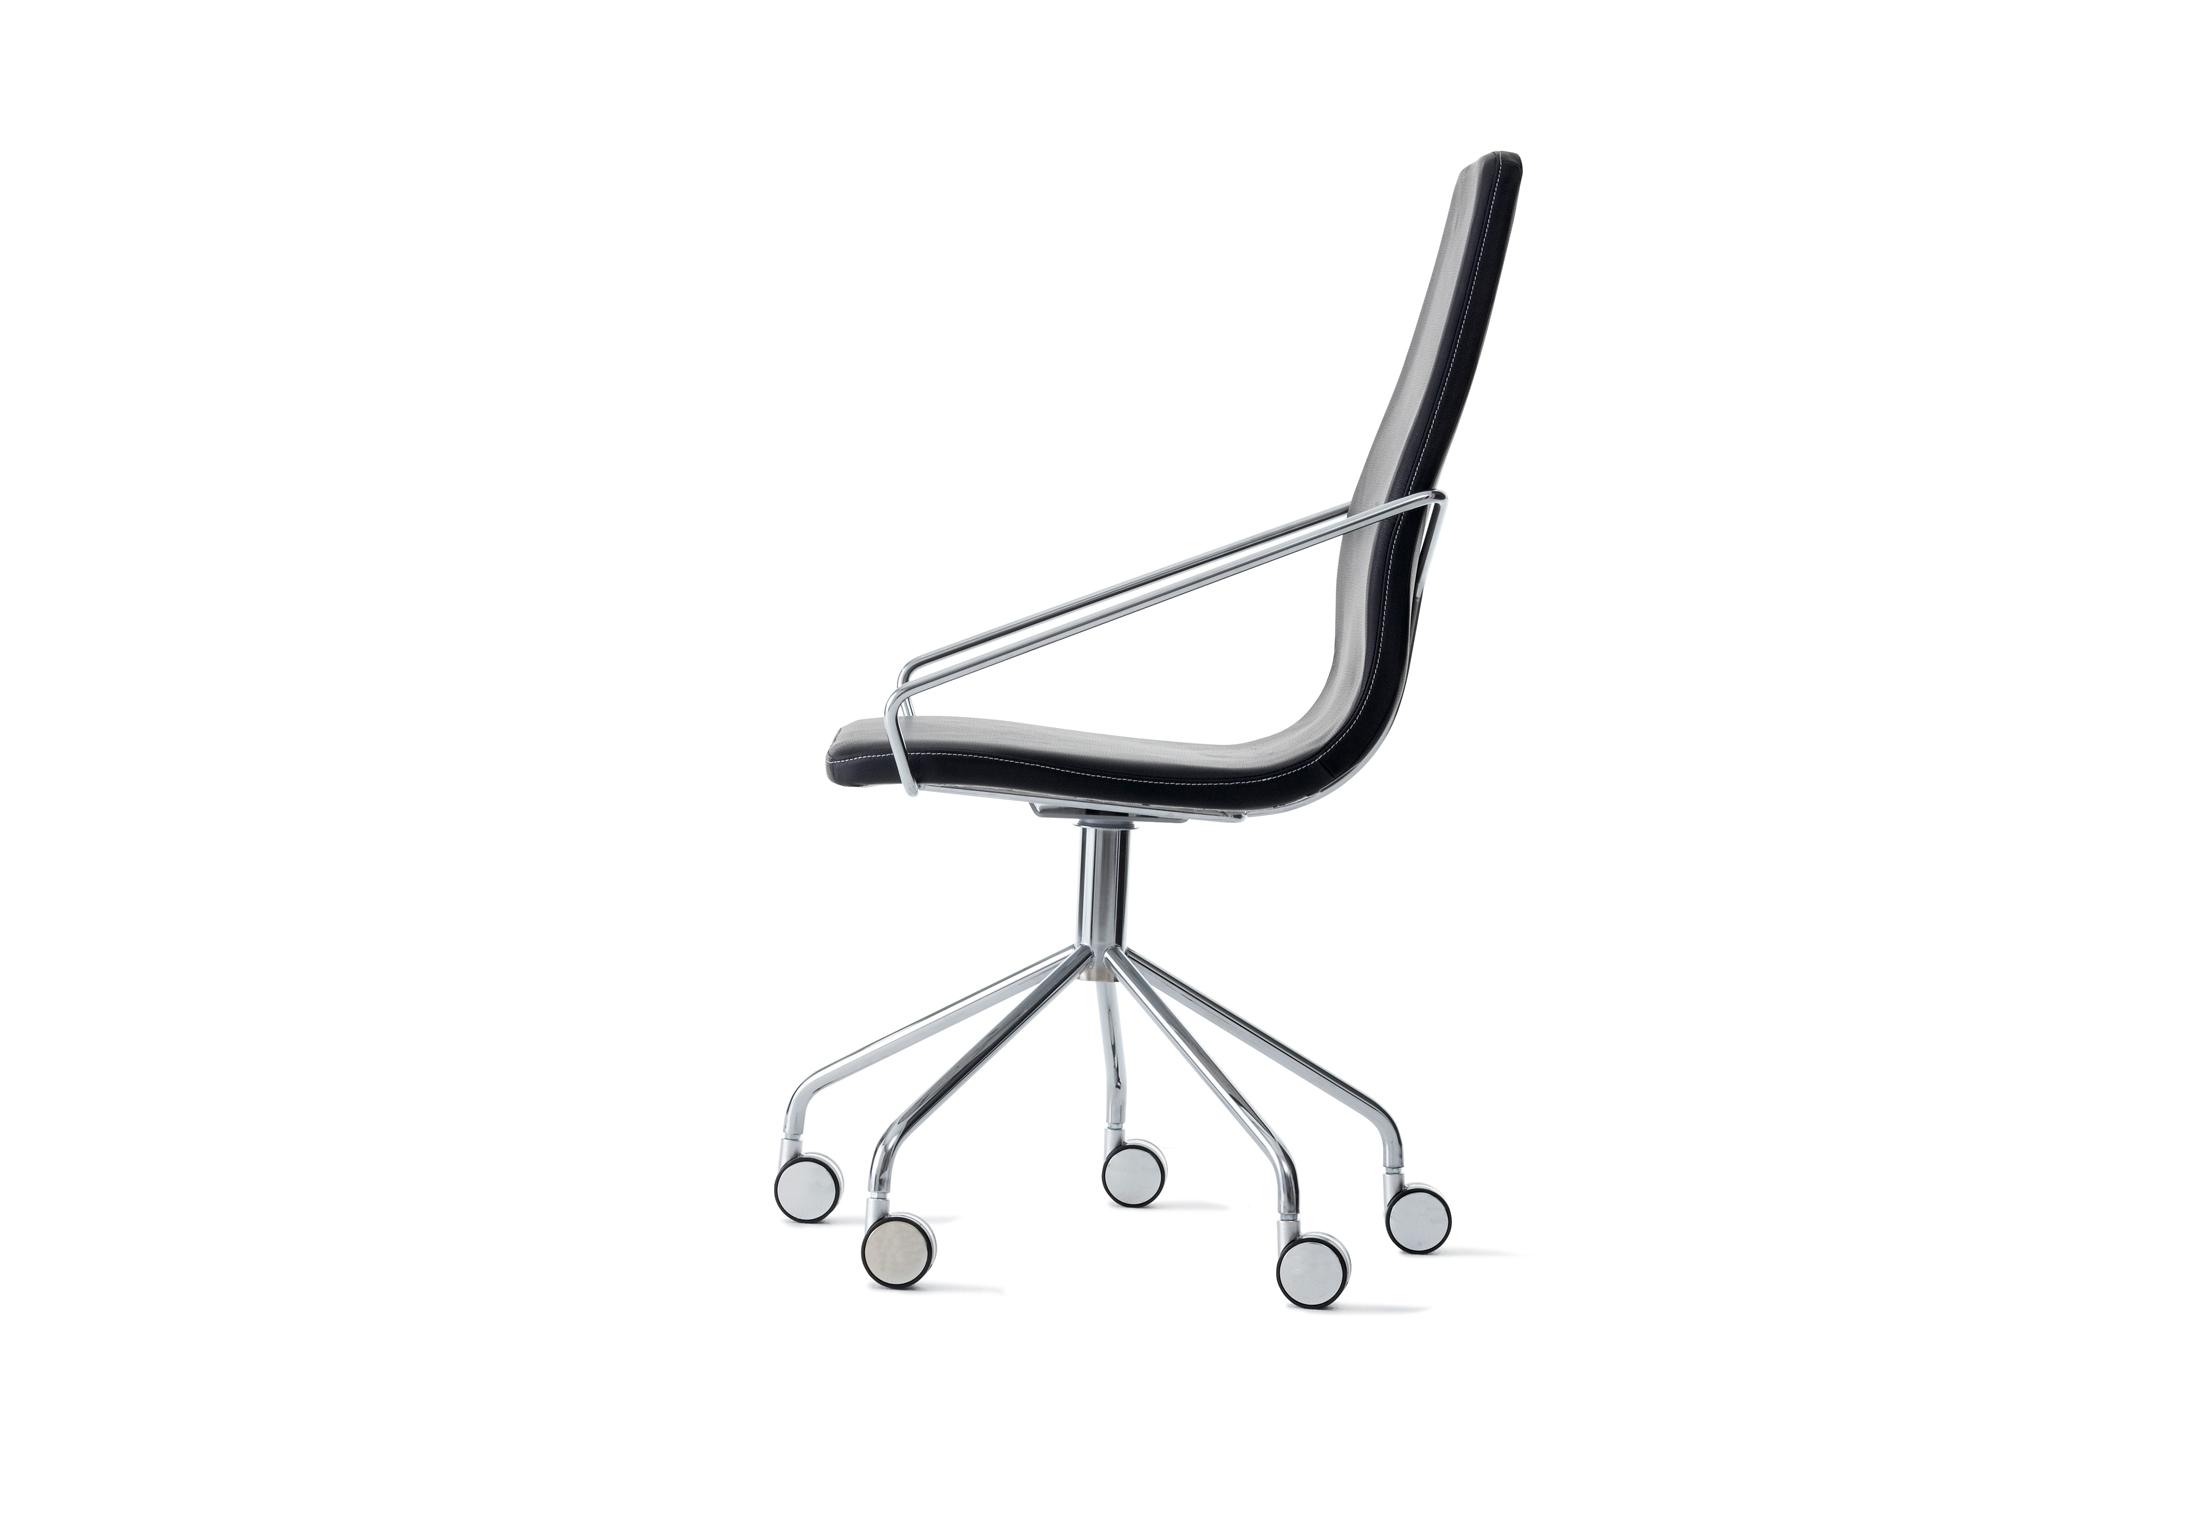 Aeon Swivel Chair By Skandiform